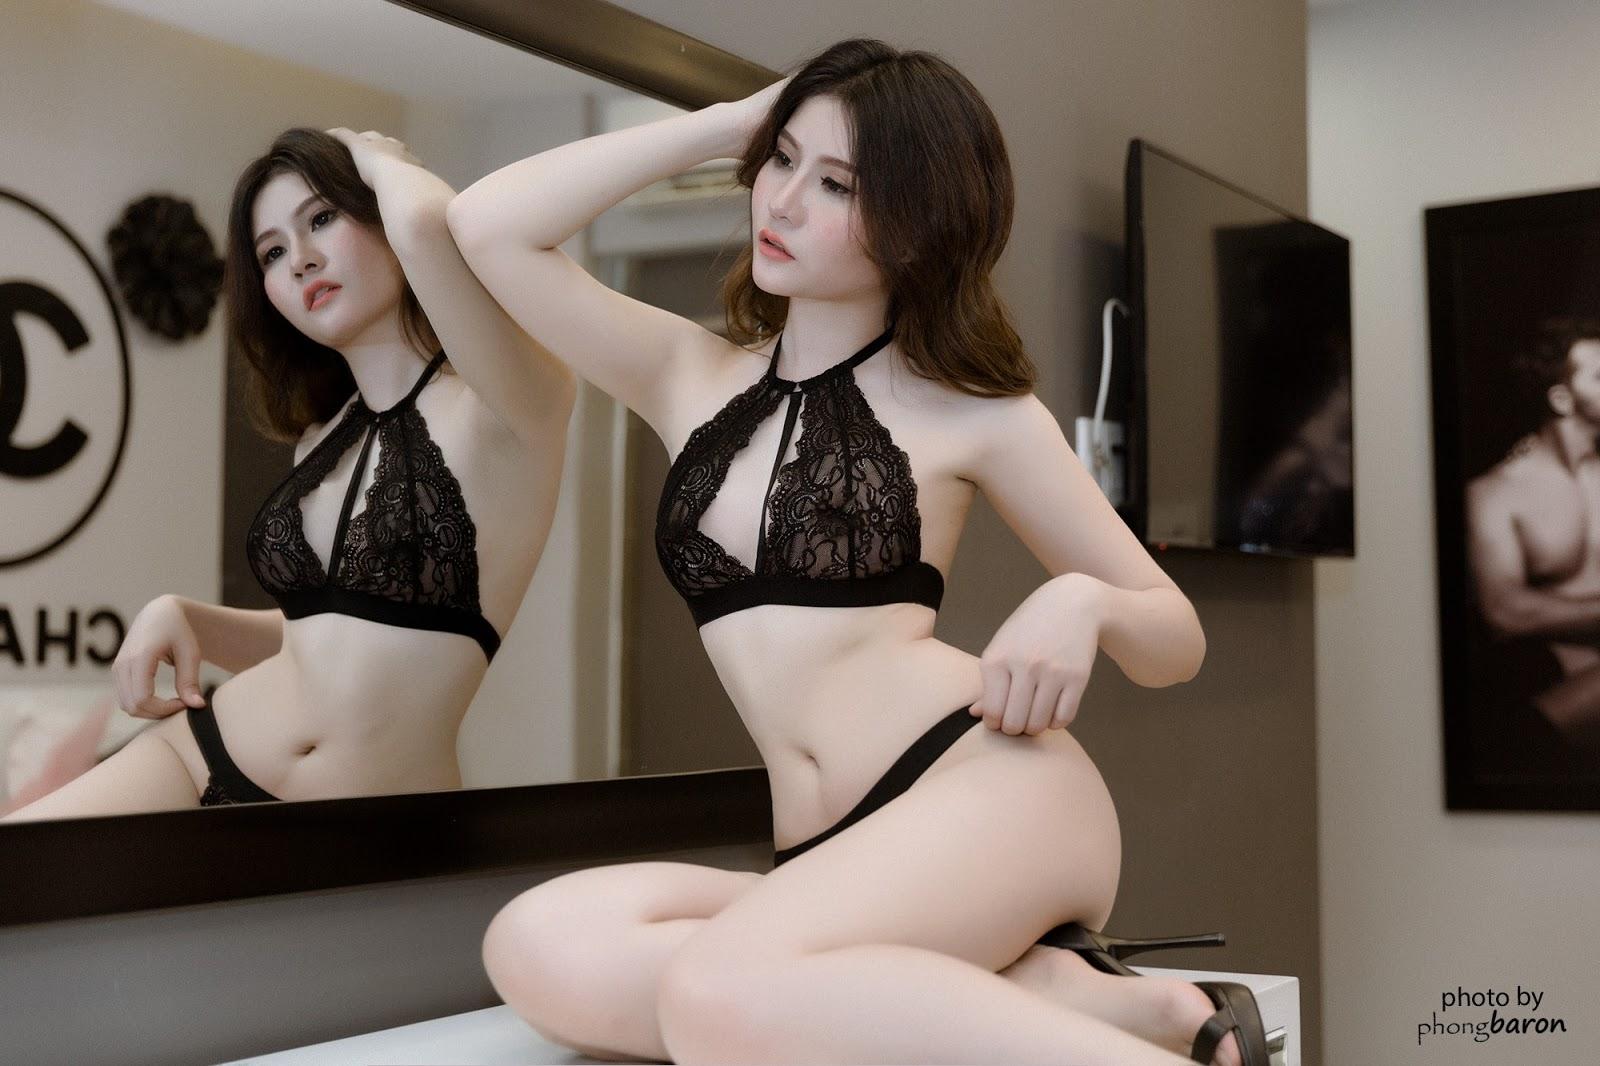 Hình ảnh Tân hoa hậu Việt Nam Trần Tiểu Vy bikini 2019